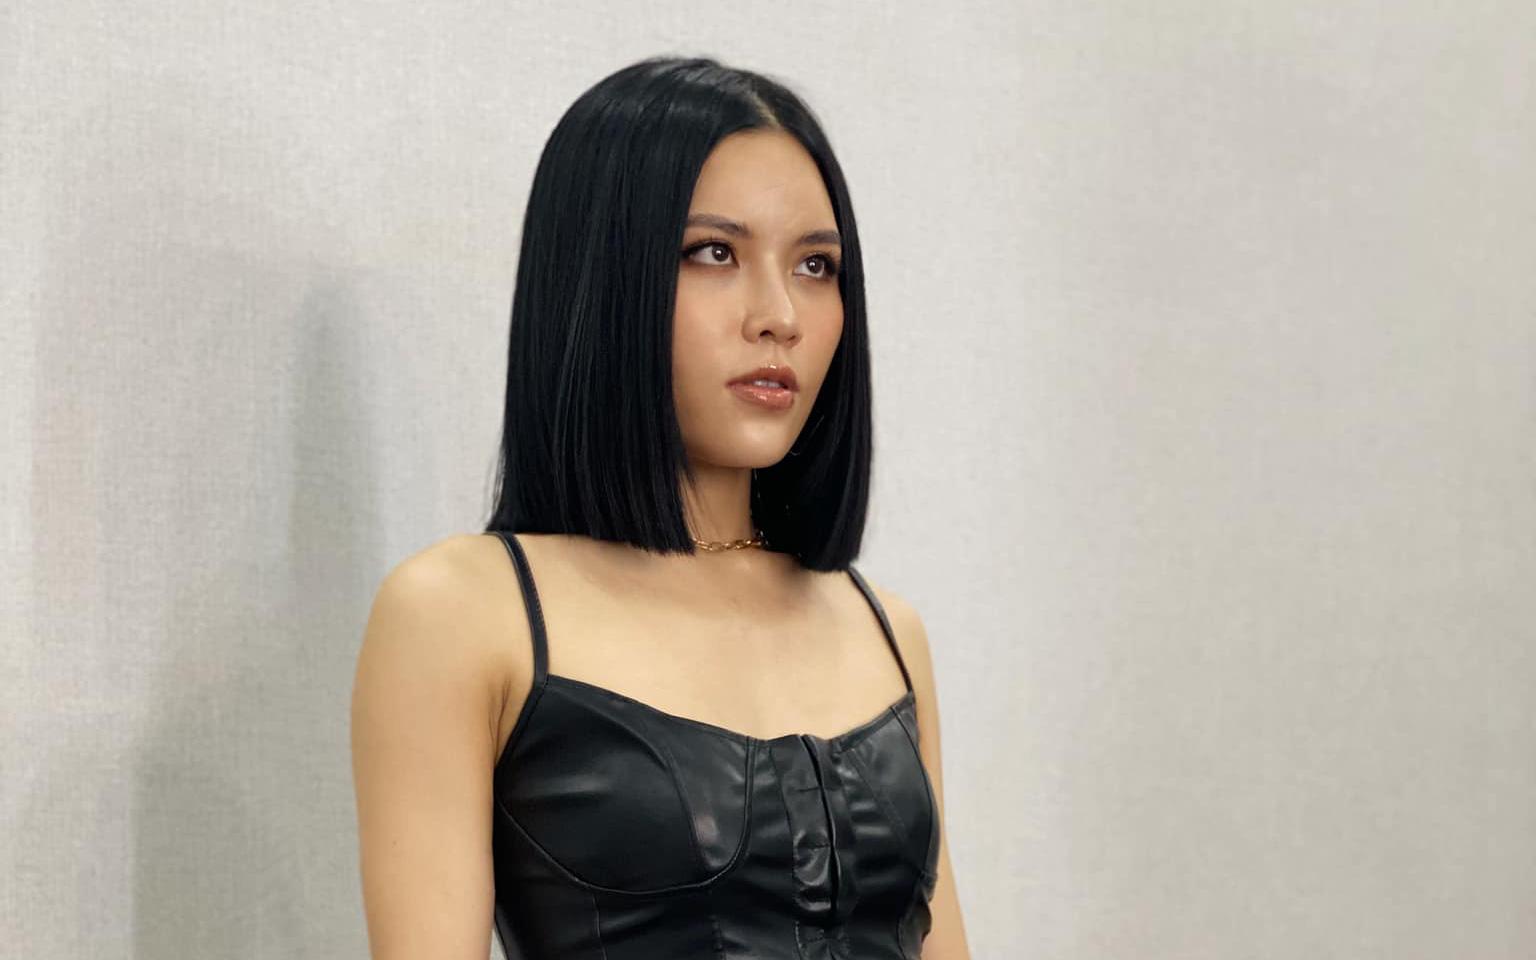 """Ánh Tuyết bác bỏ tin đồn giảm cân không kịp nên bị cắt vai trong phim """"Hương vị tình thân"""""""